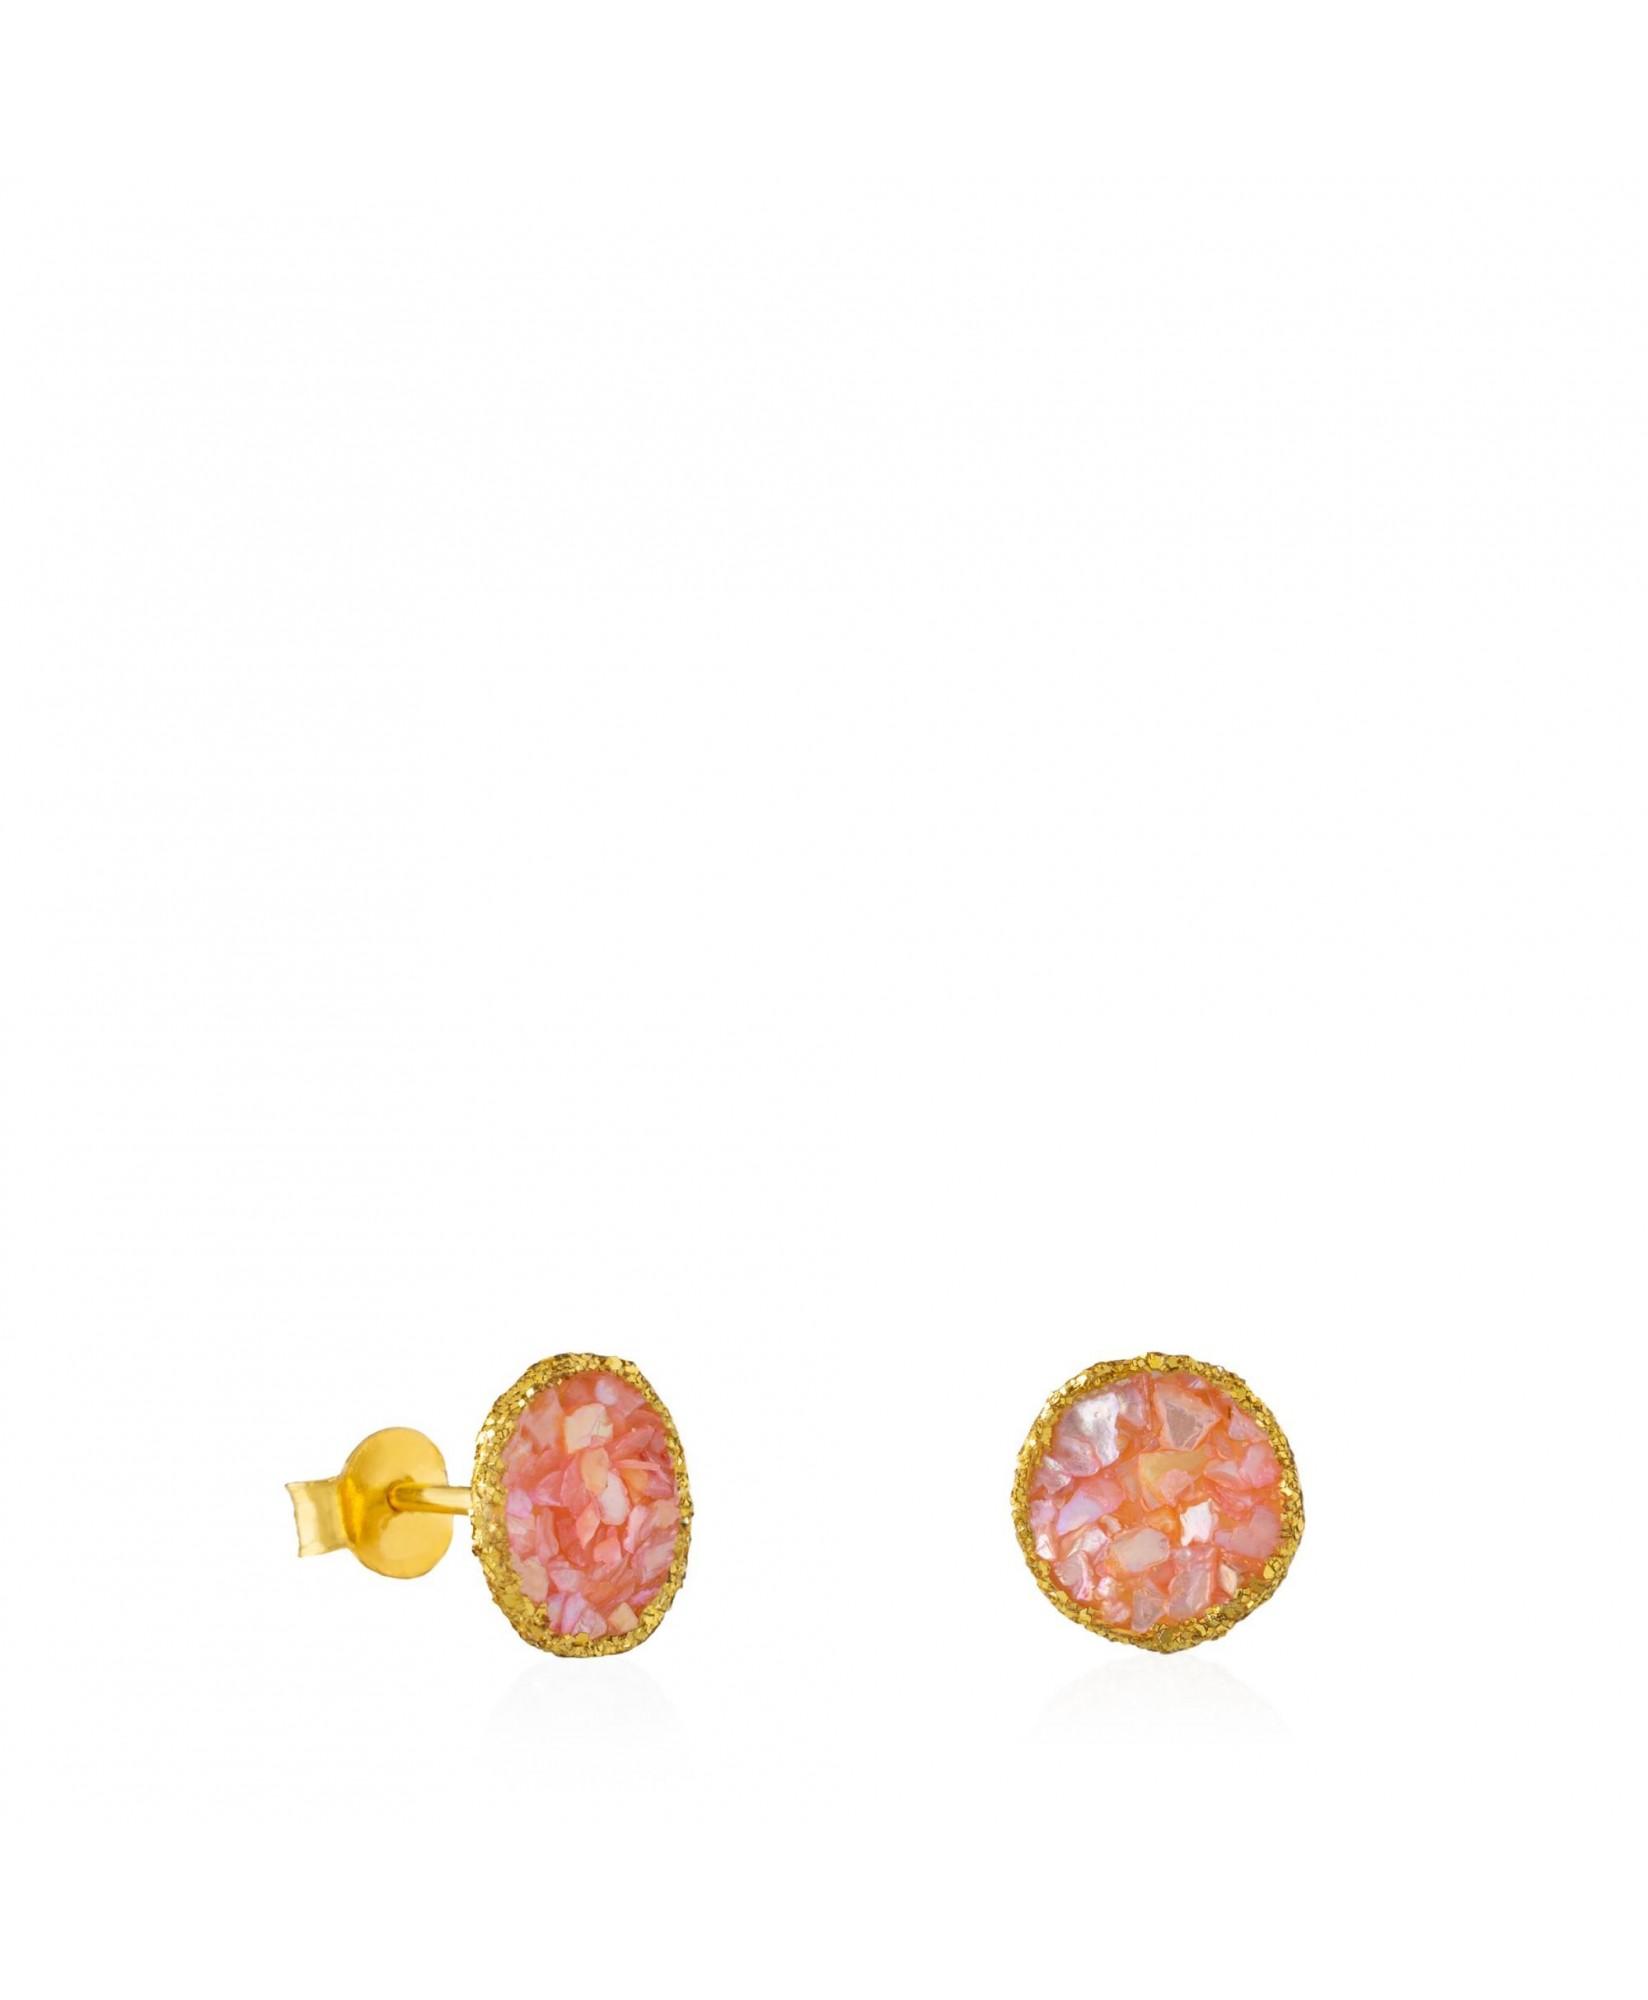 Pendientes dormilonas oro medianos Soft con nácar rosa Pendientes dormilonas oro medianos Soft con nácar rosa